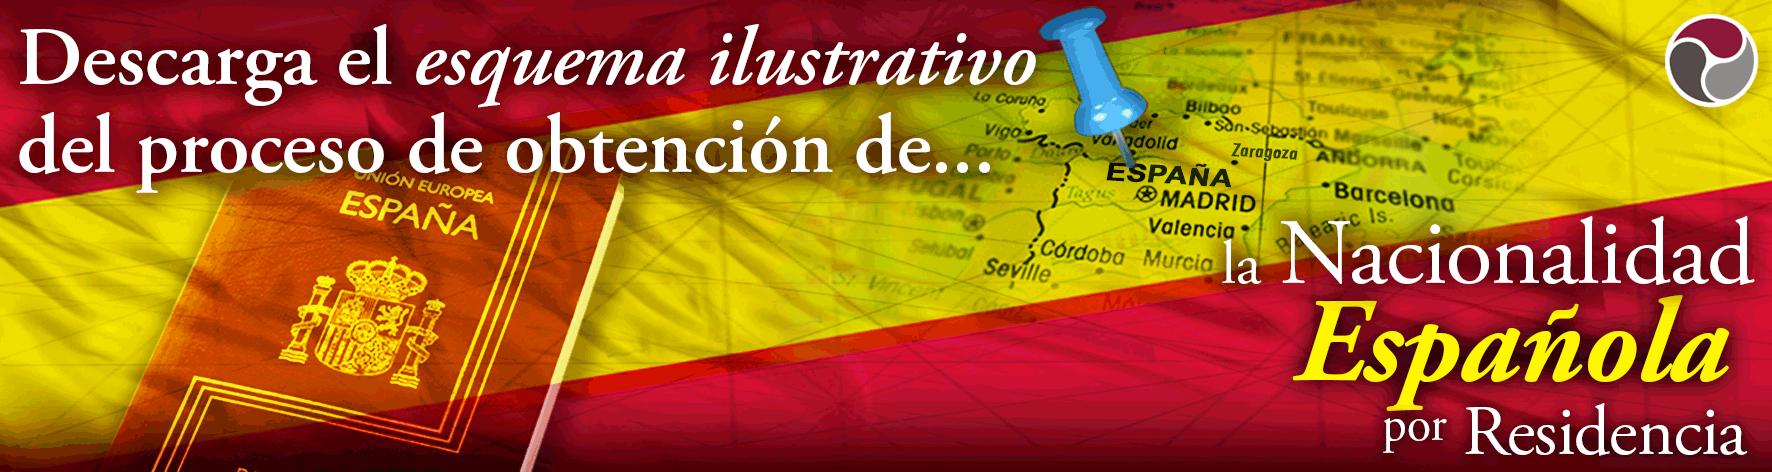 Nacionalidad ad web Habeas Legal 2 1 - ¿Qué hacer cuando no te responden a tu solicitud de Nacionalidad Española?